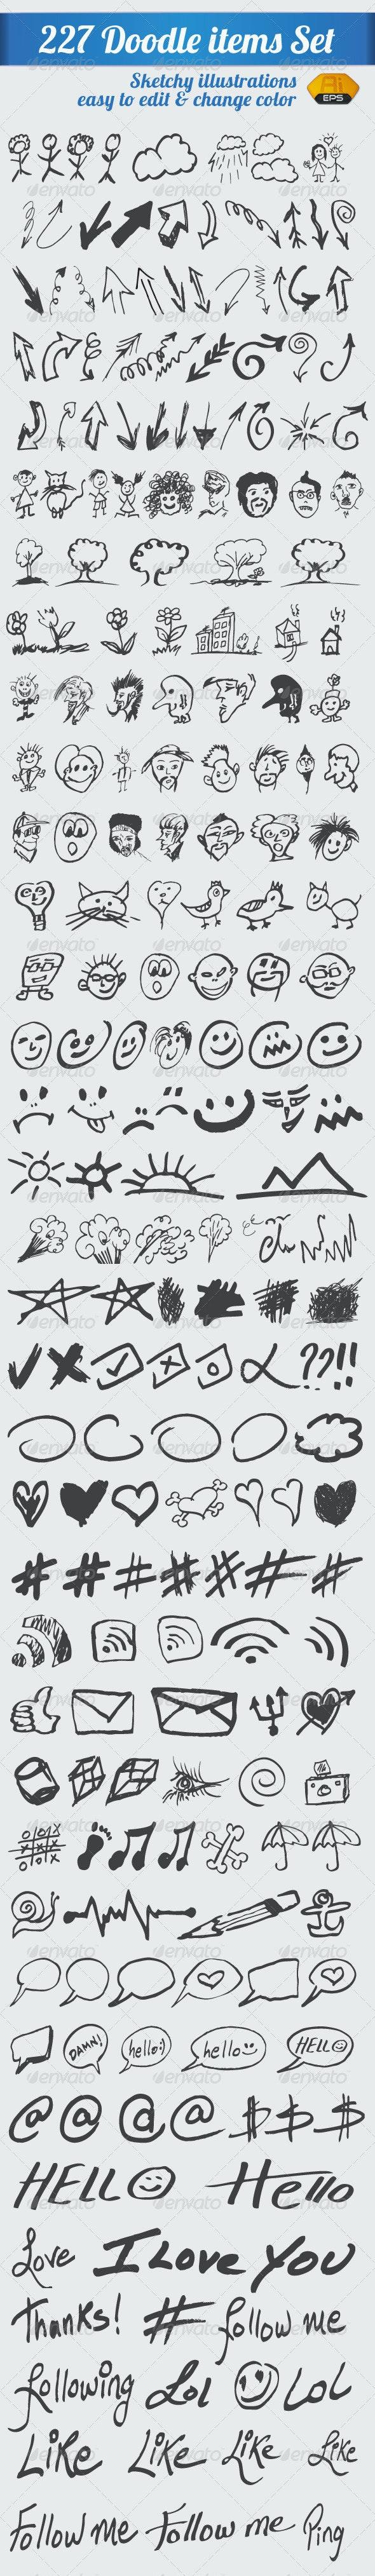 227 Doodle Items Set - Miscellaneous Vectors